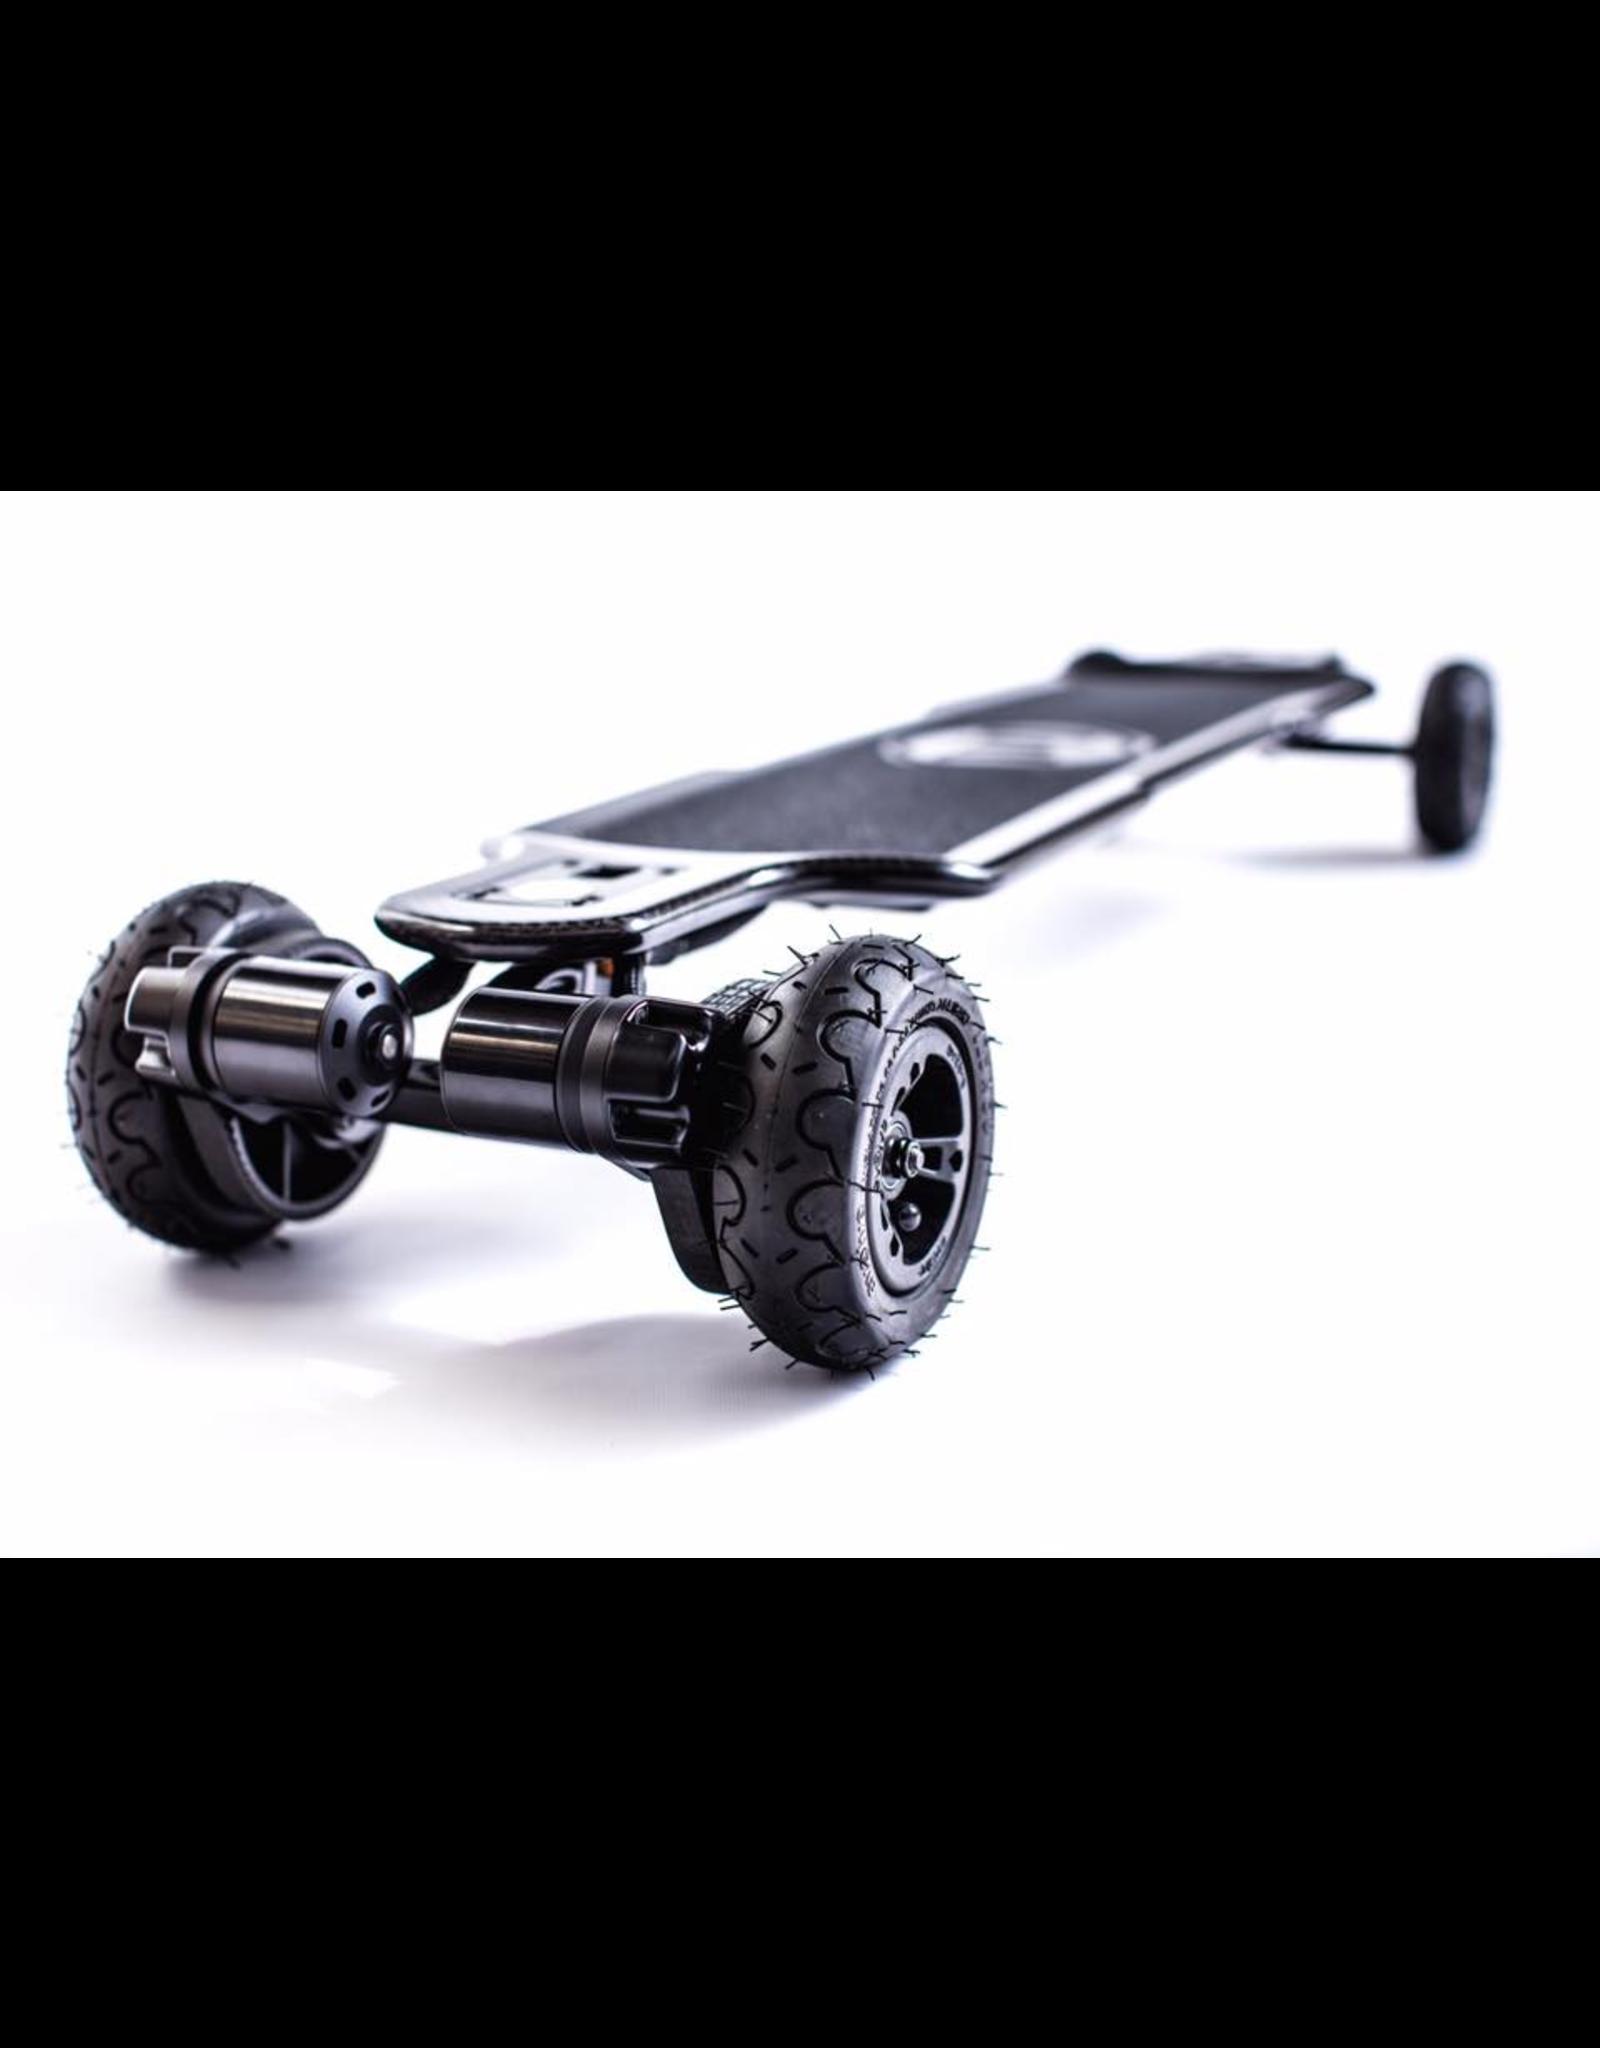 Evolve Skateboards Evolve Carbon GT All Terrain Skateboard